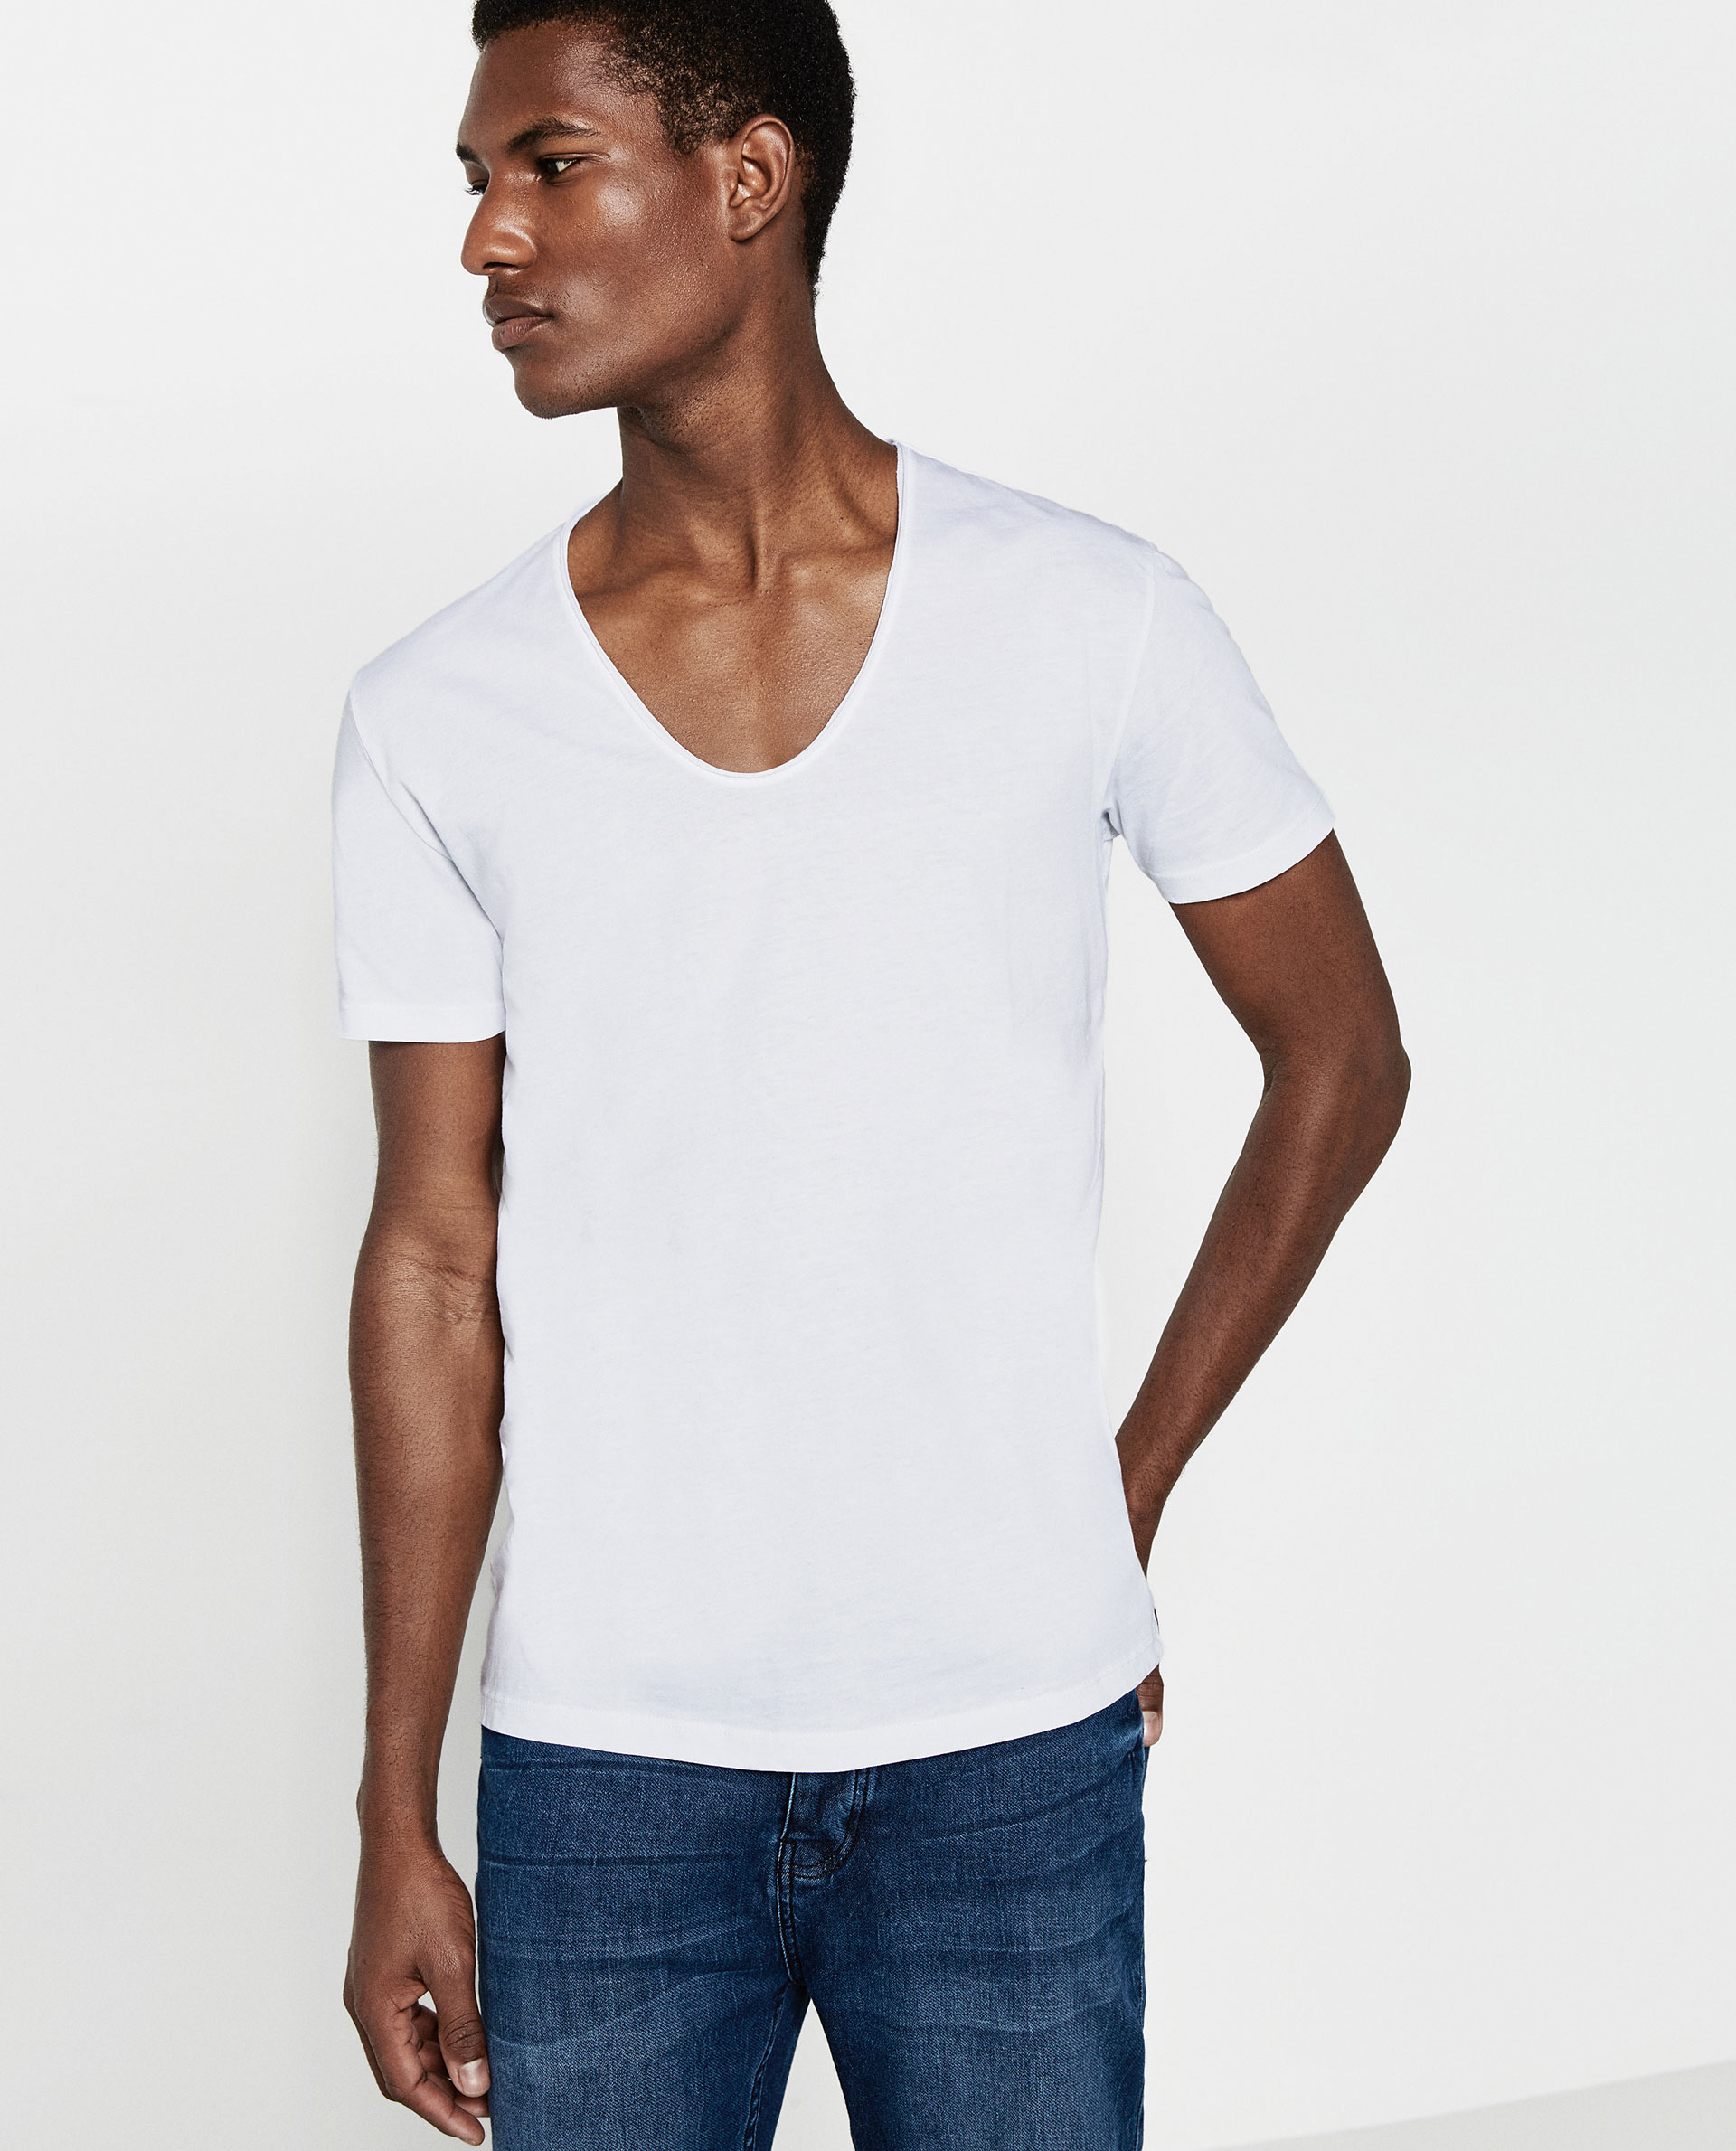 Zara v neck t shirt in white for men lyst for V neck white t shirts for men